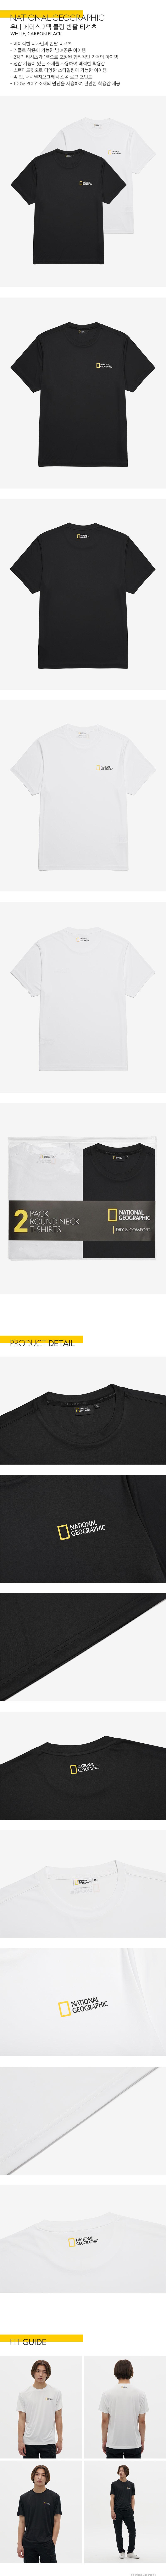 내셔널지오그래픽(NATIONALGEOGRAPHIC) N215UPA910 유니 메이스 2PACK 쿨링 반팔 티셔츠 WHITE